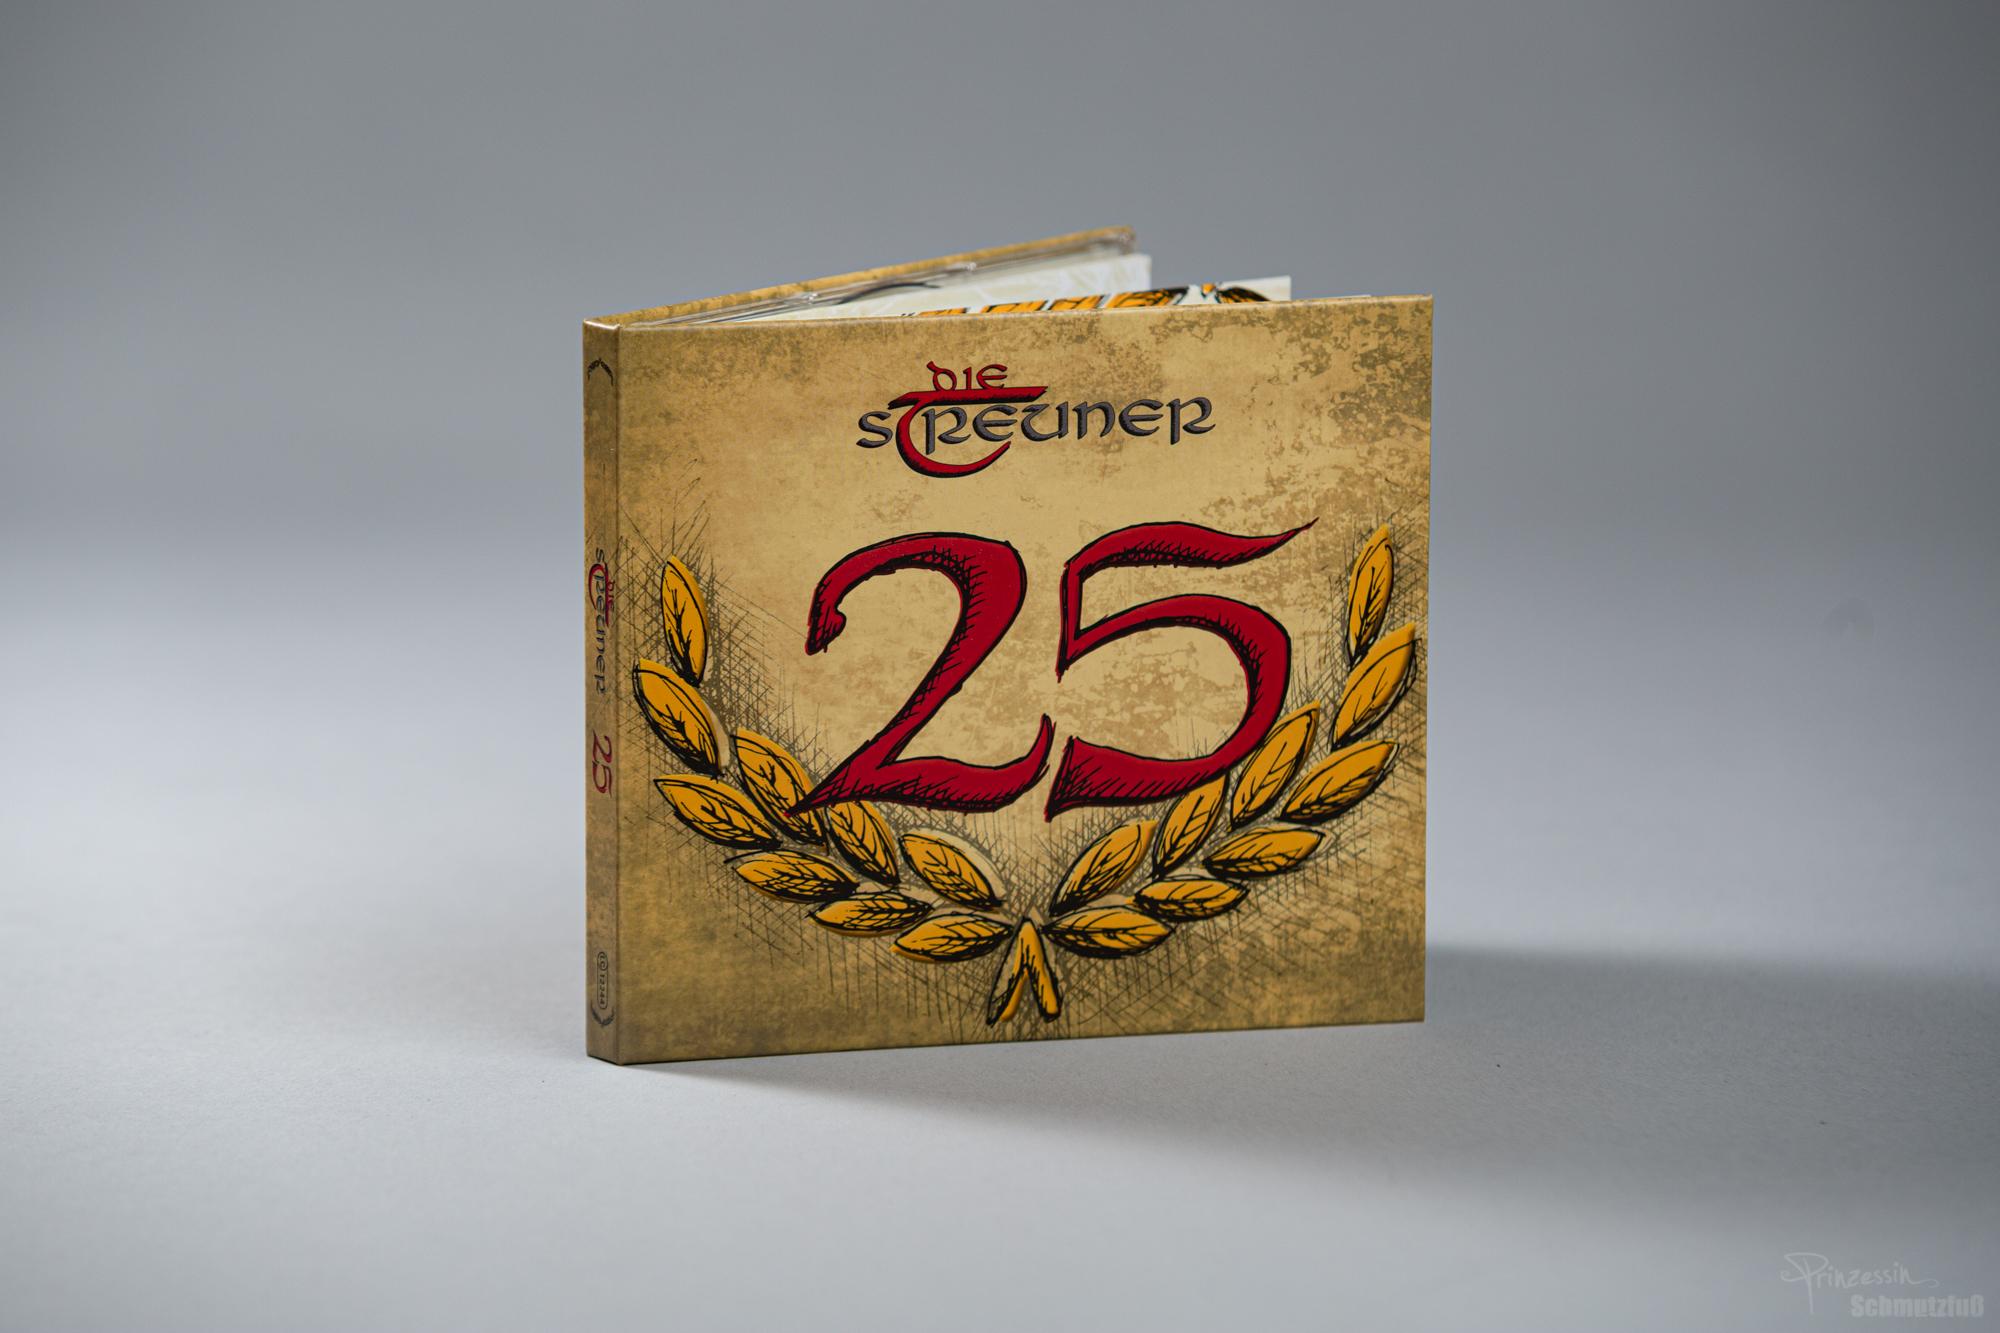 CD-Gestaltung | Zeichnung Ährenkranz und 25 | Die Streuner 25 Jahre